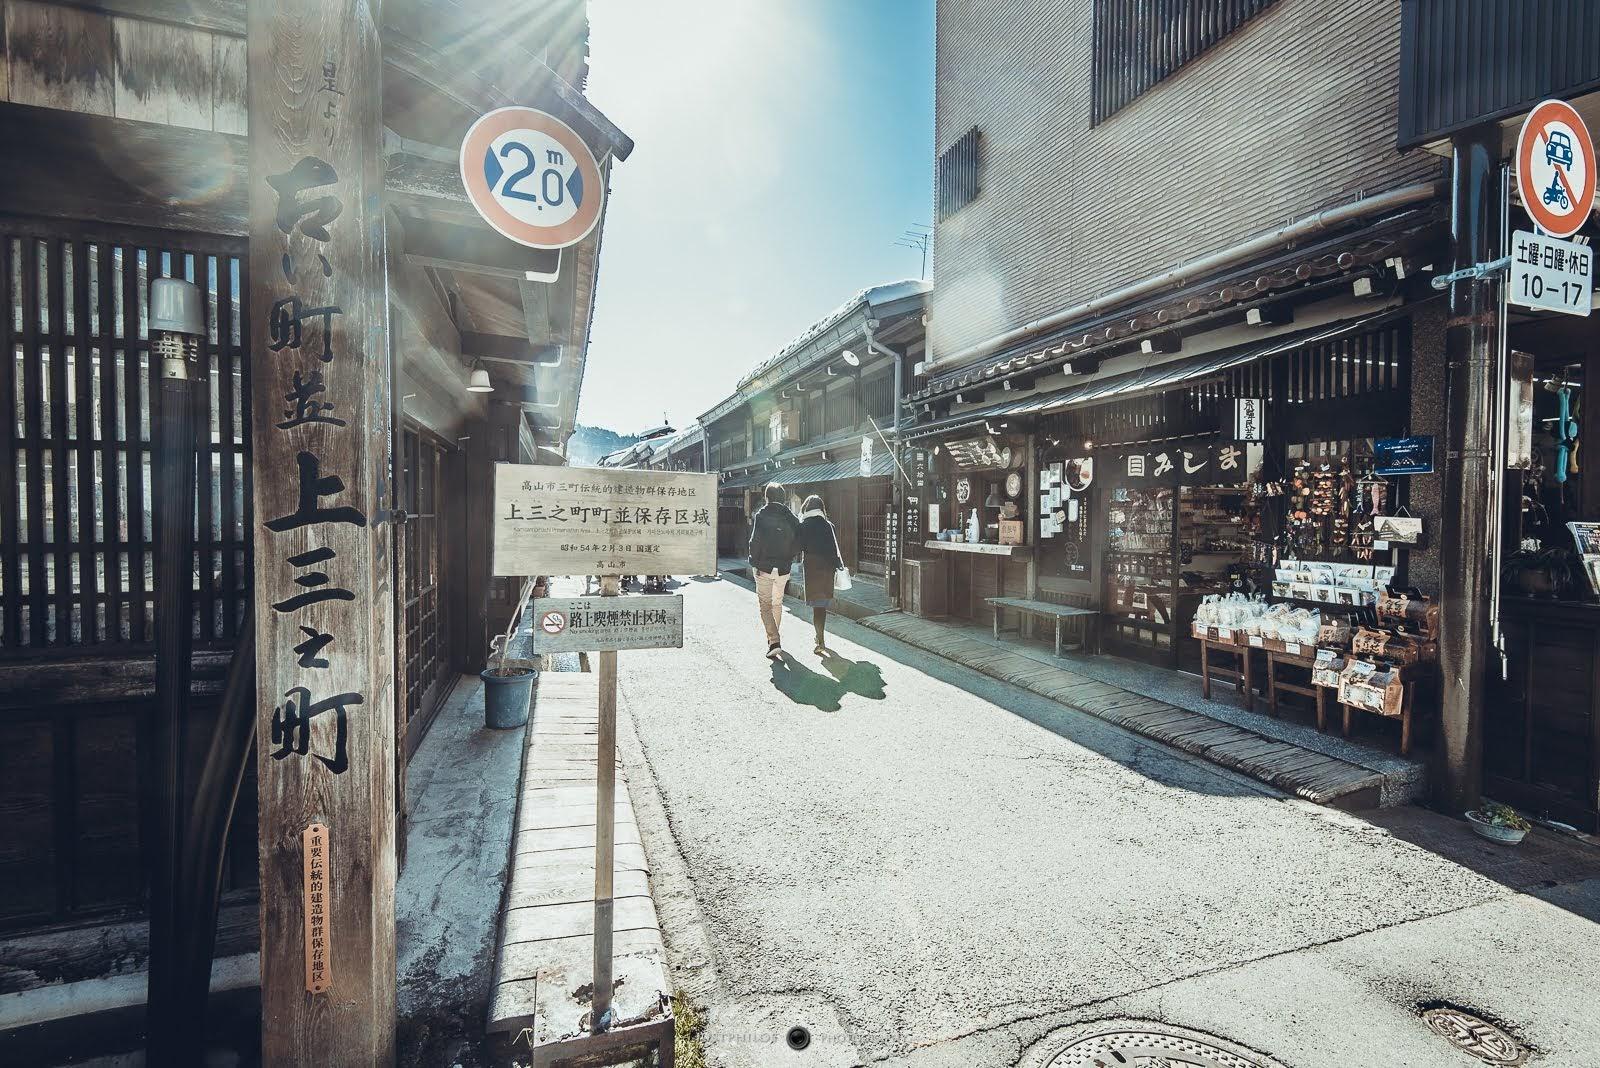 非常乾淨的上三之町,充滿濃濃古意的一家老街。